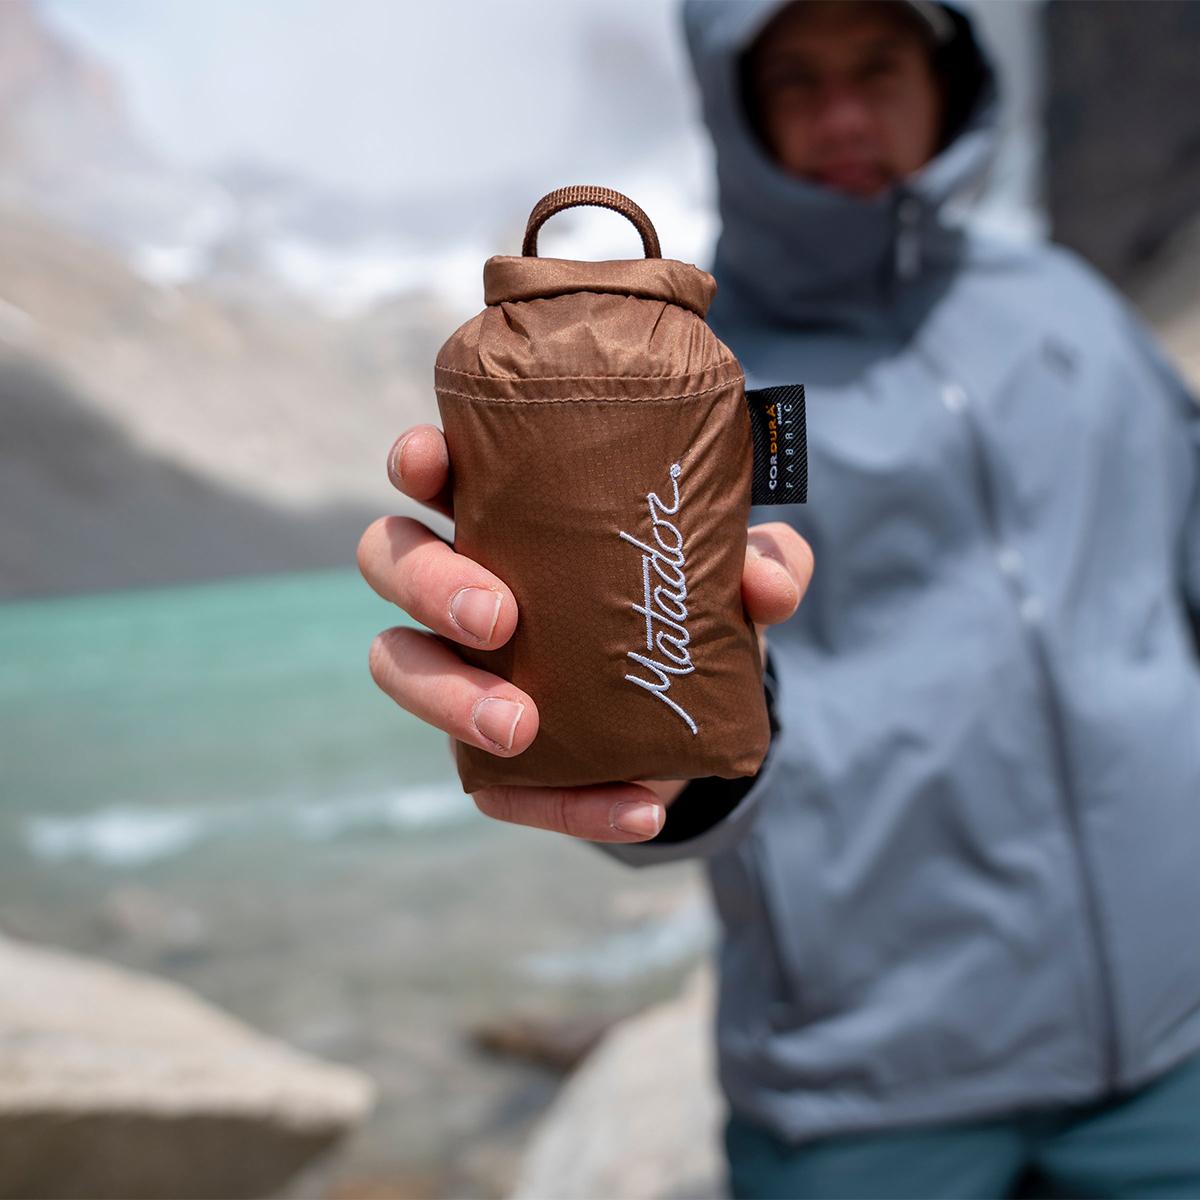 手のひらサイズになる大容量バッグ 軽量・防水仕様で、日常生活や旅行で大活躍